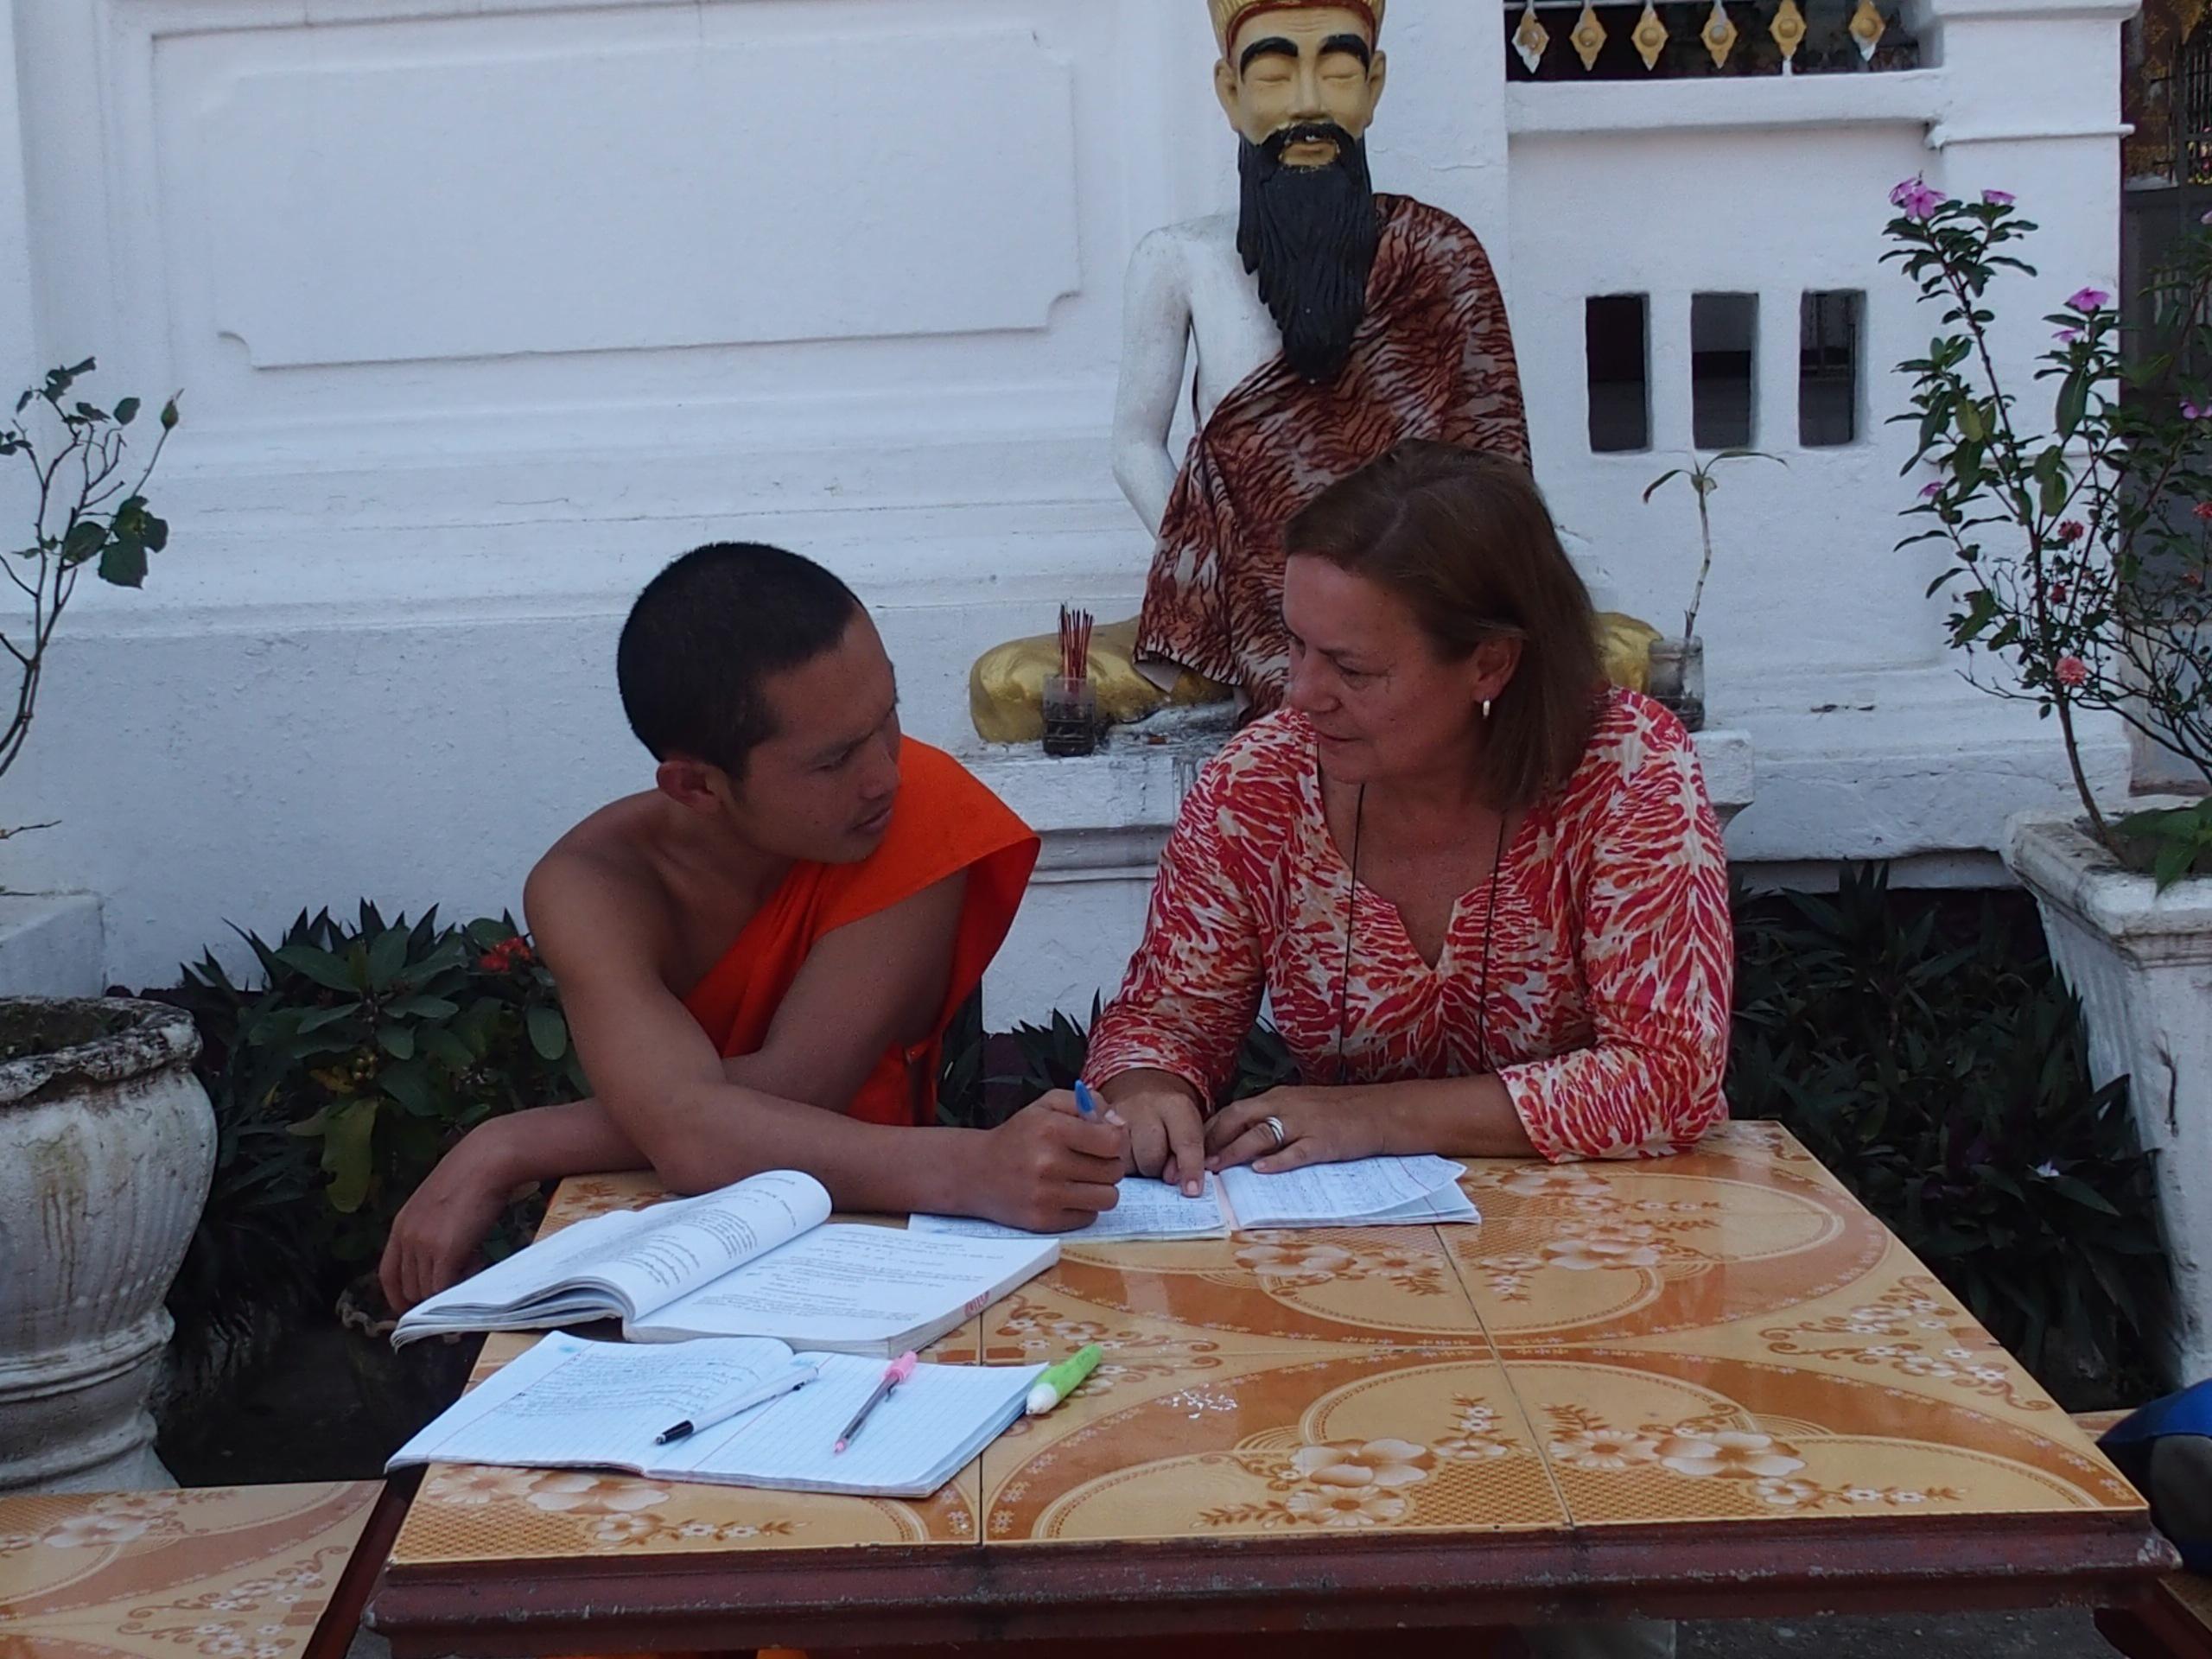 Cours de français à un jeune moine au cours d'un slow travel au Laos